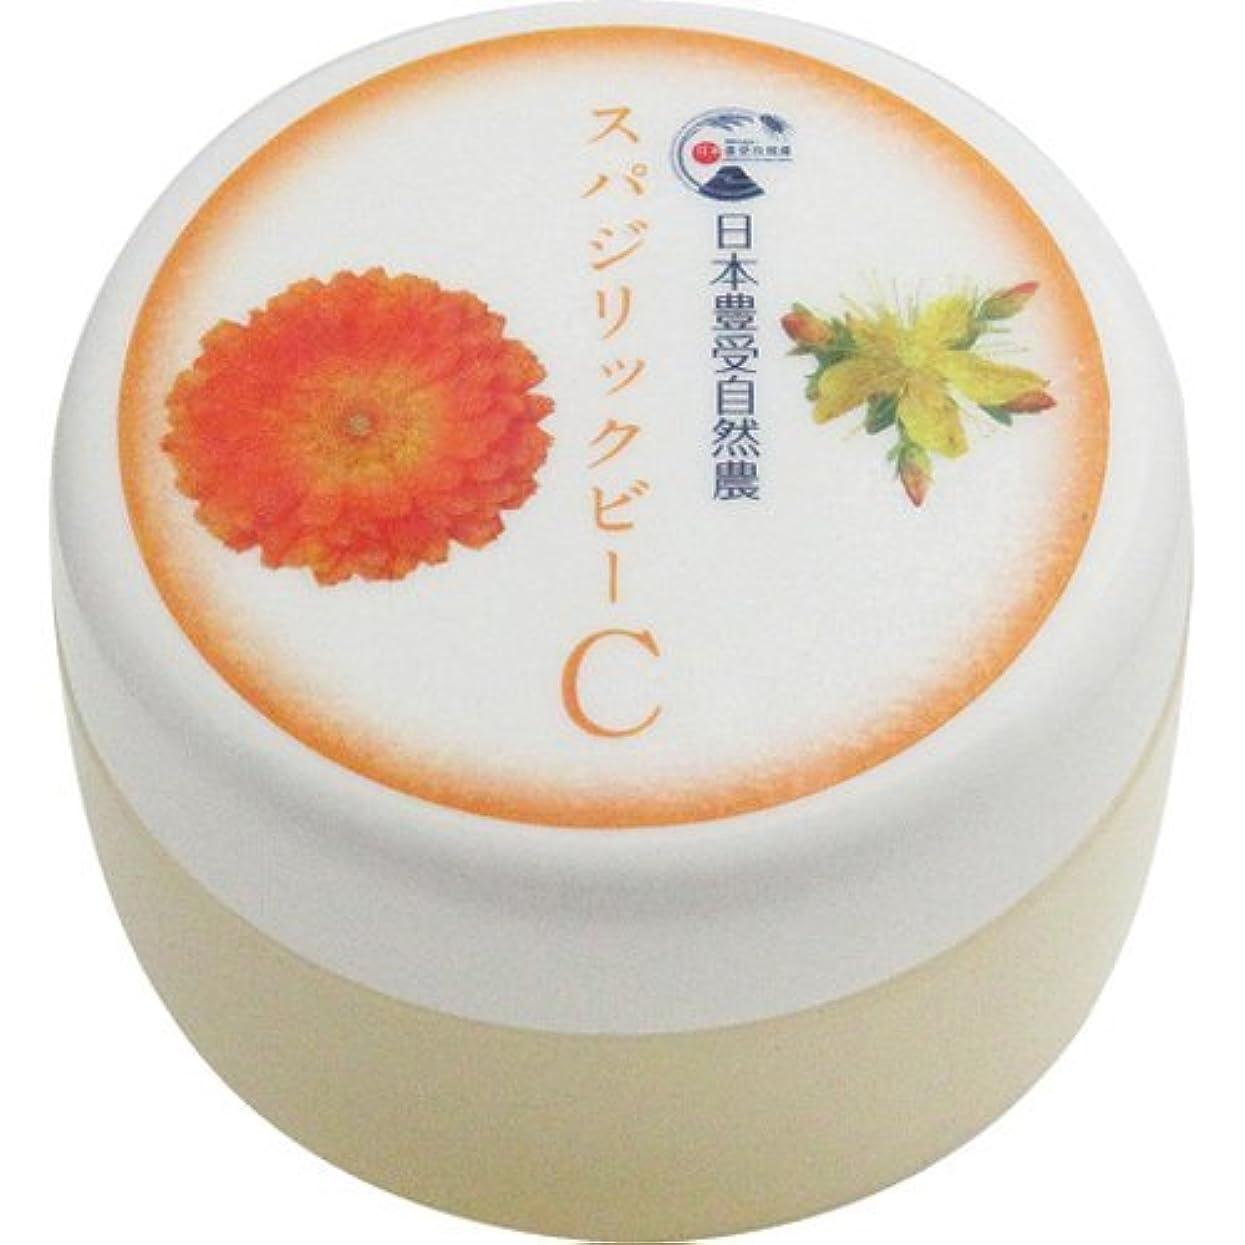 差別的フロント嫉妬日本豊受自然農 スパジリック ビーC(特大) 135g